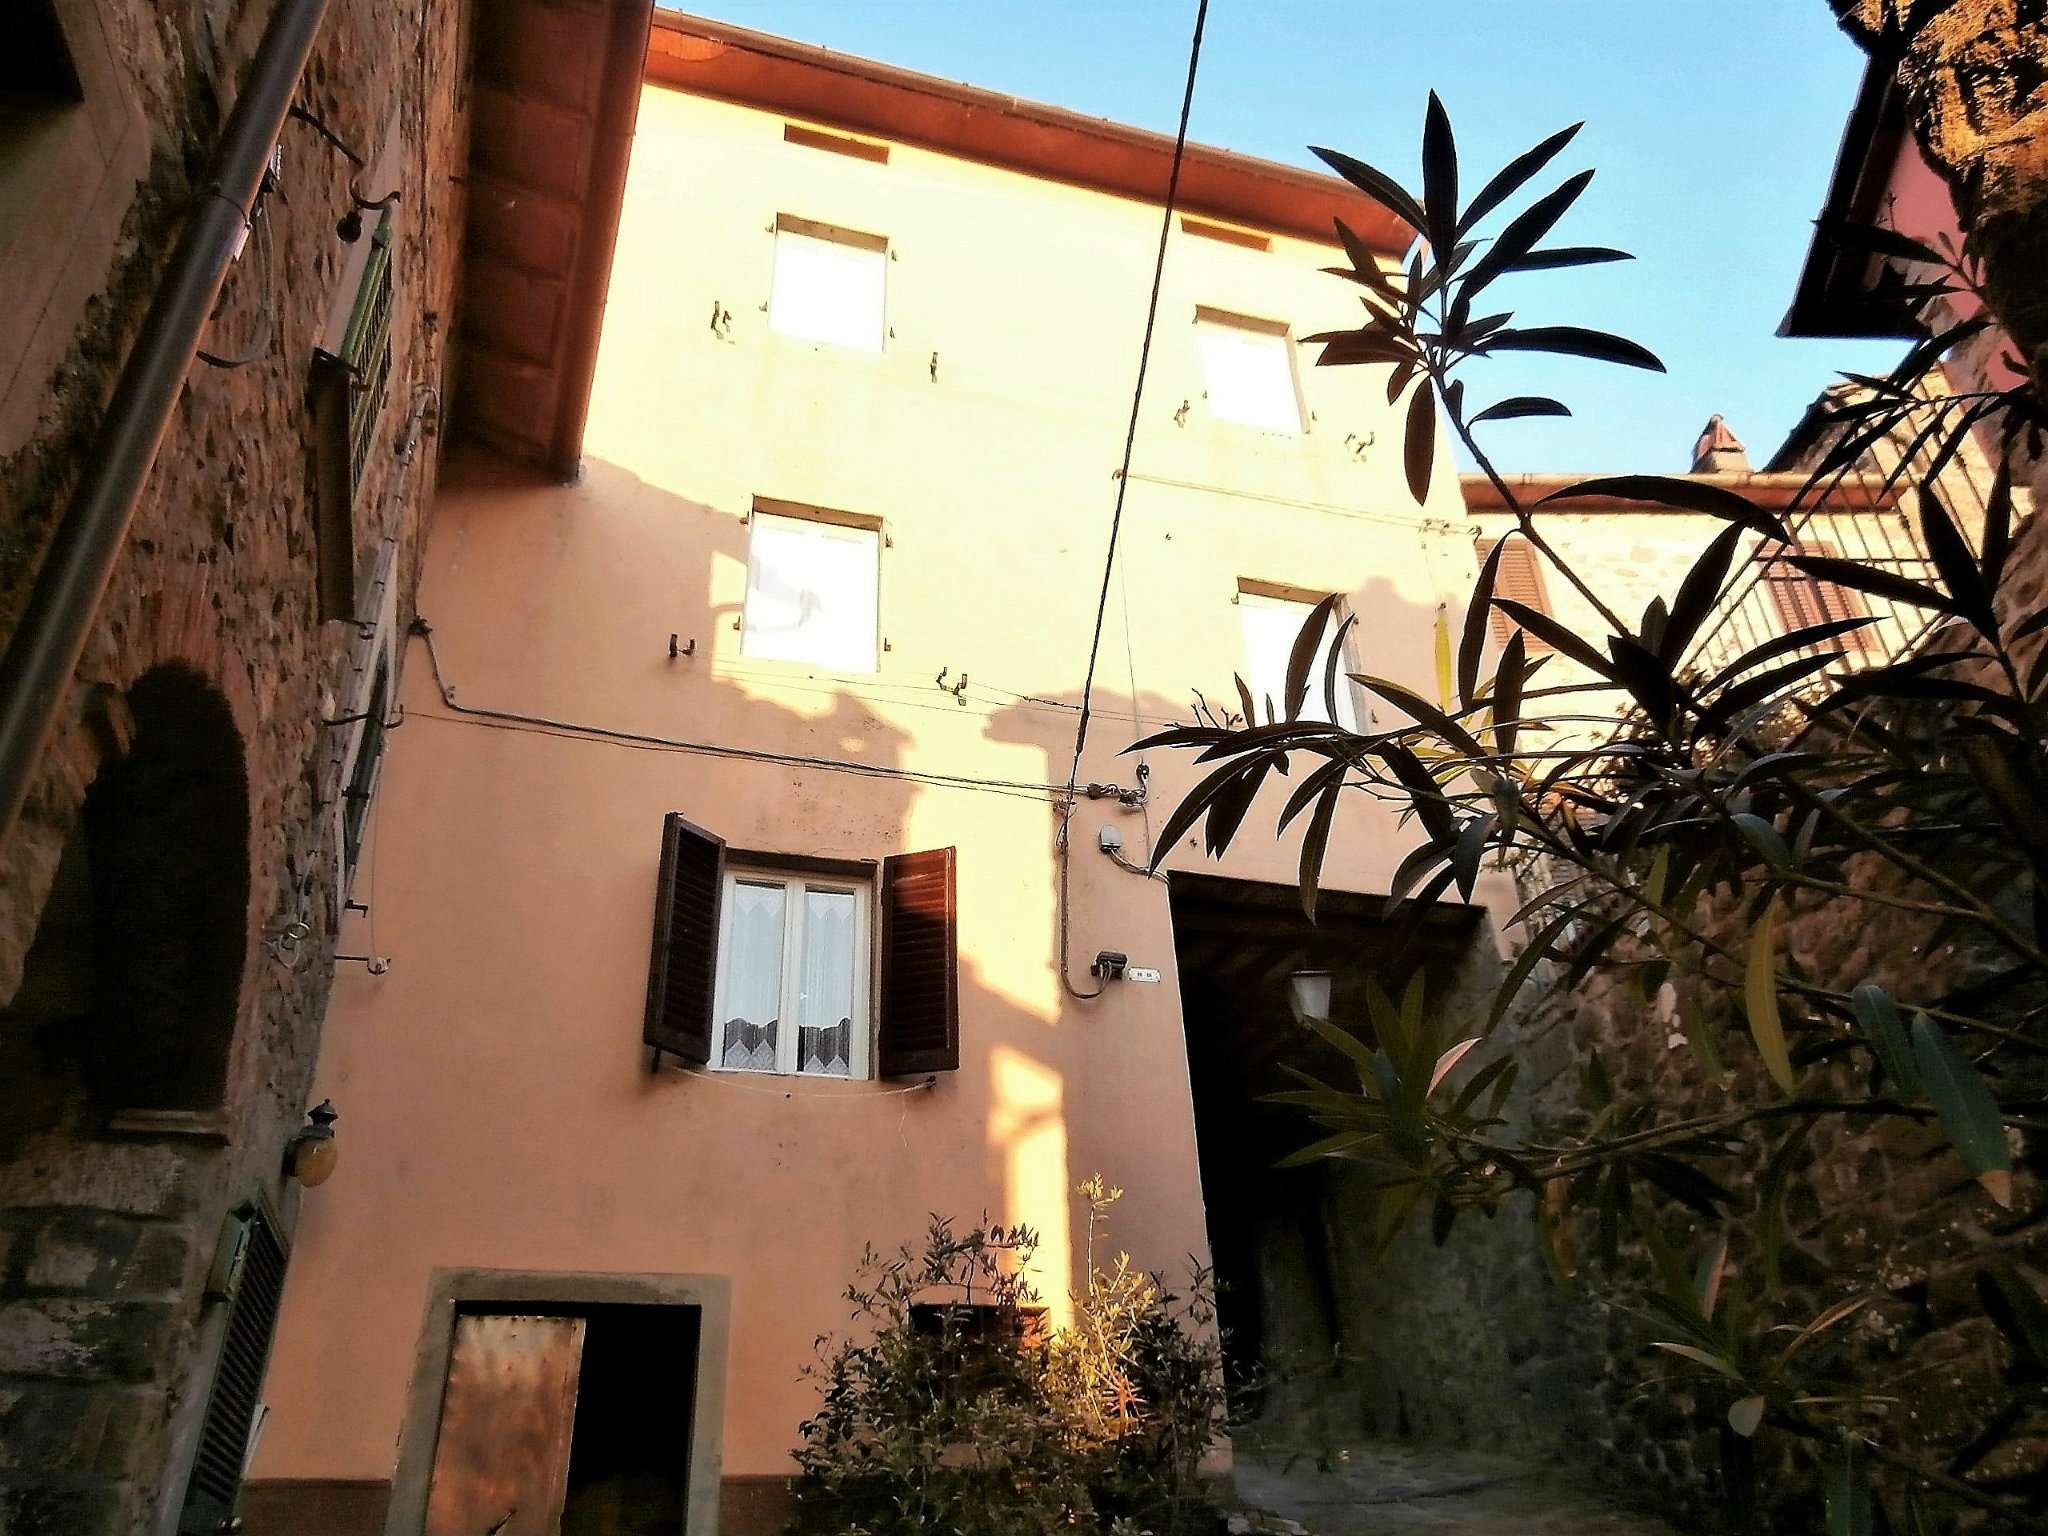 Palazzo / Stabile in vendita a Bagni di Lucca, 7 locali, prezzo € 75.000 | CambioCasa.it